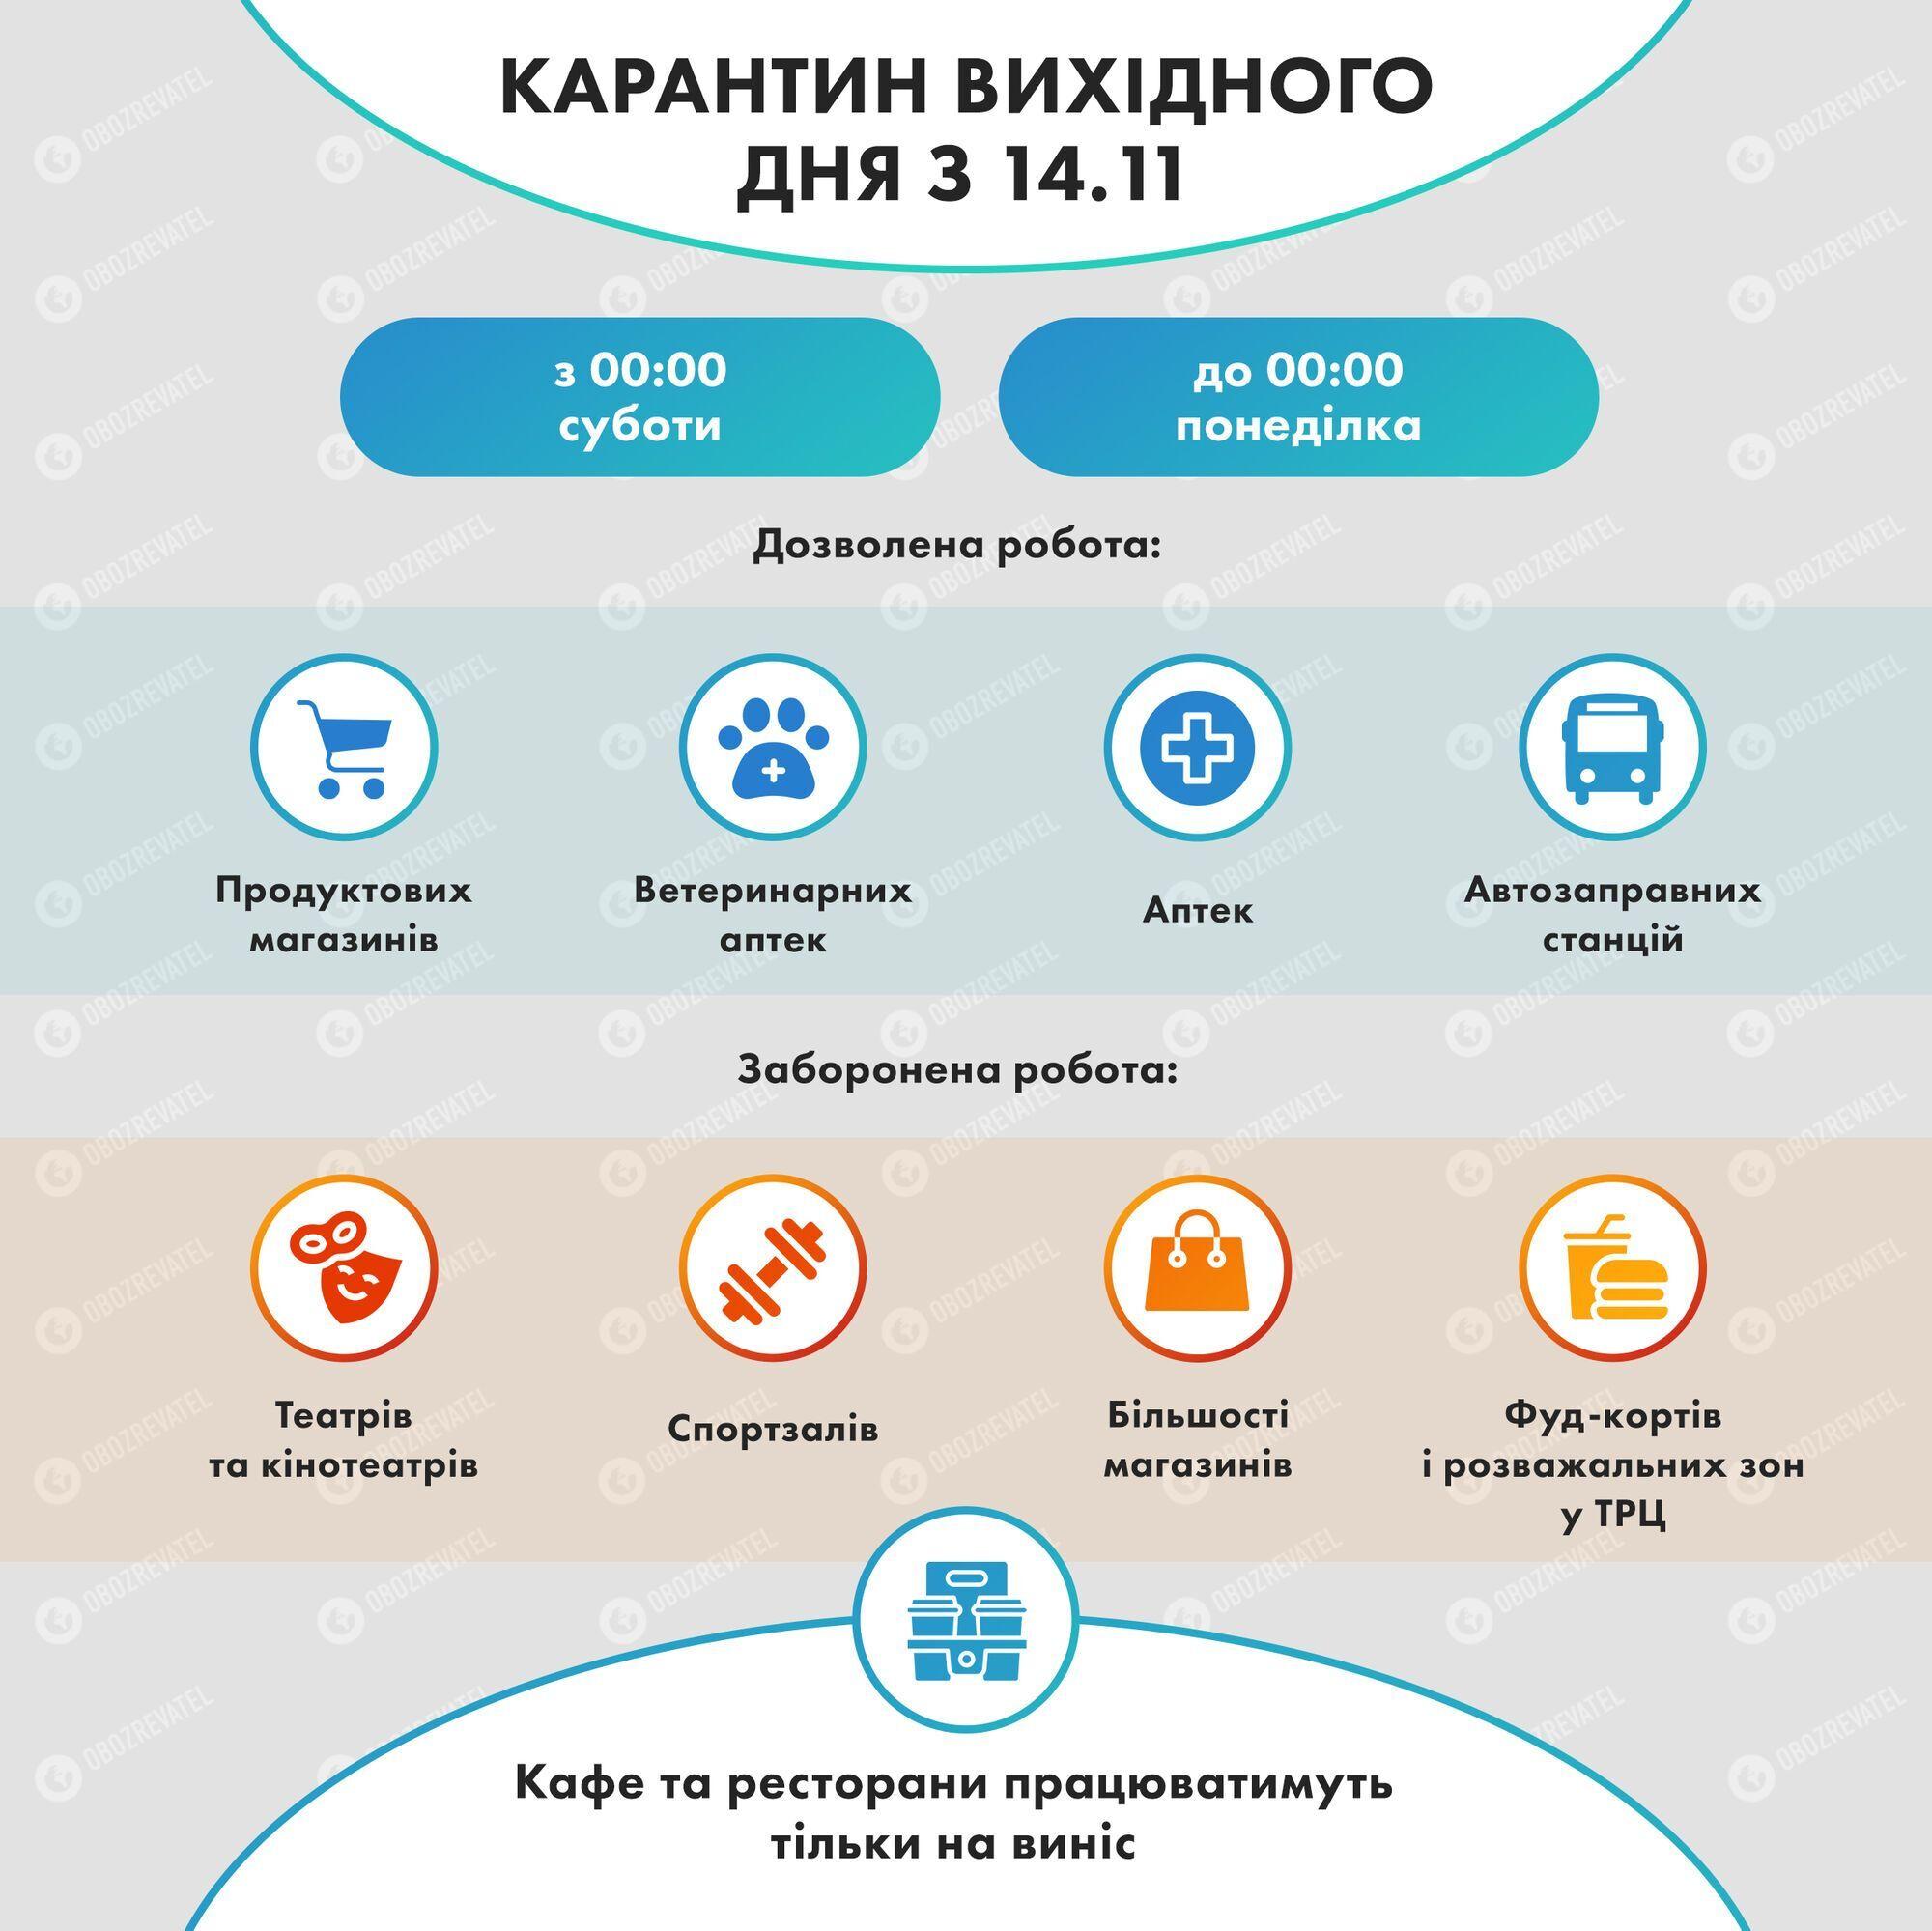 Инфографика карантина выходного дня в Украине